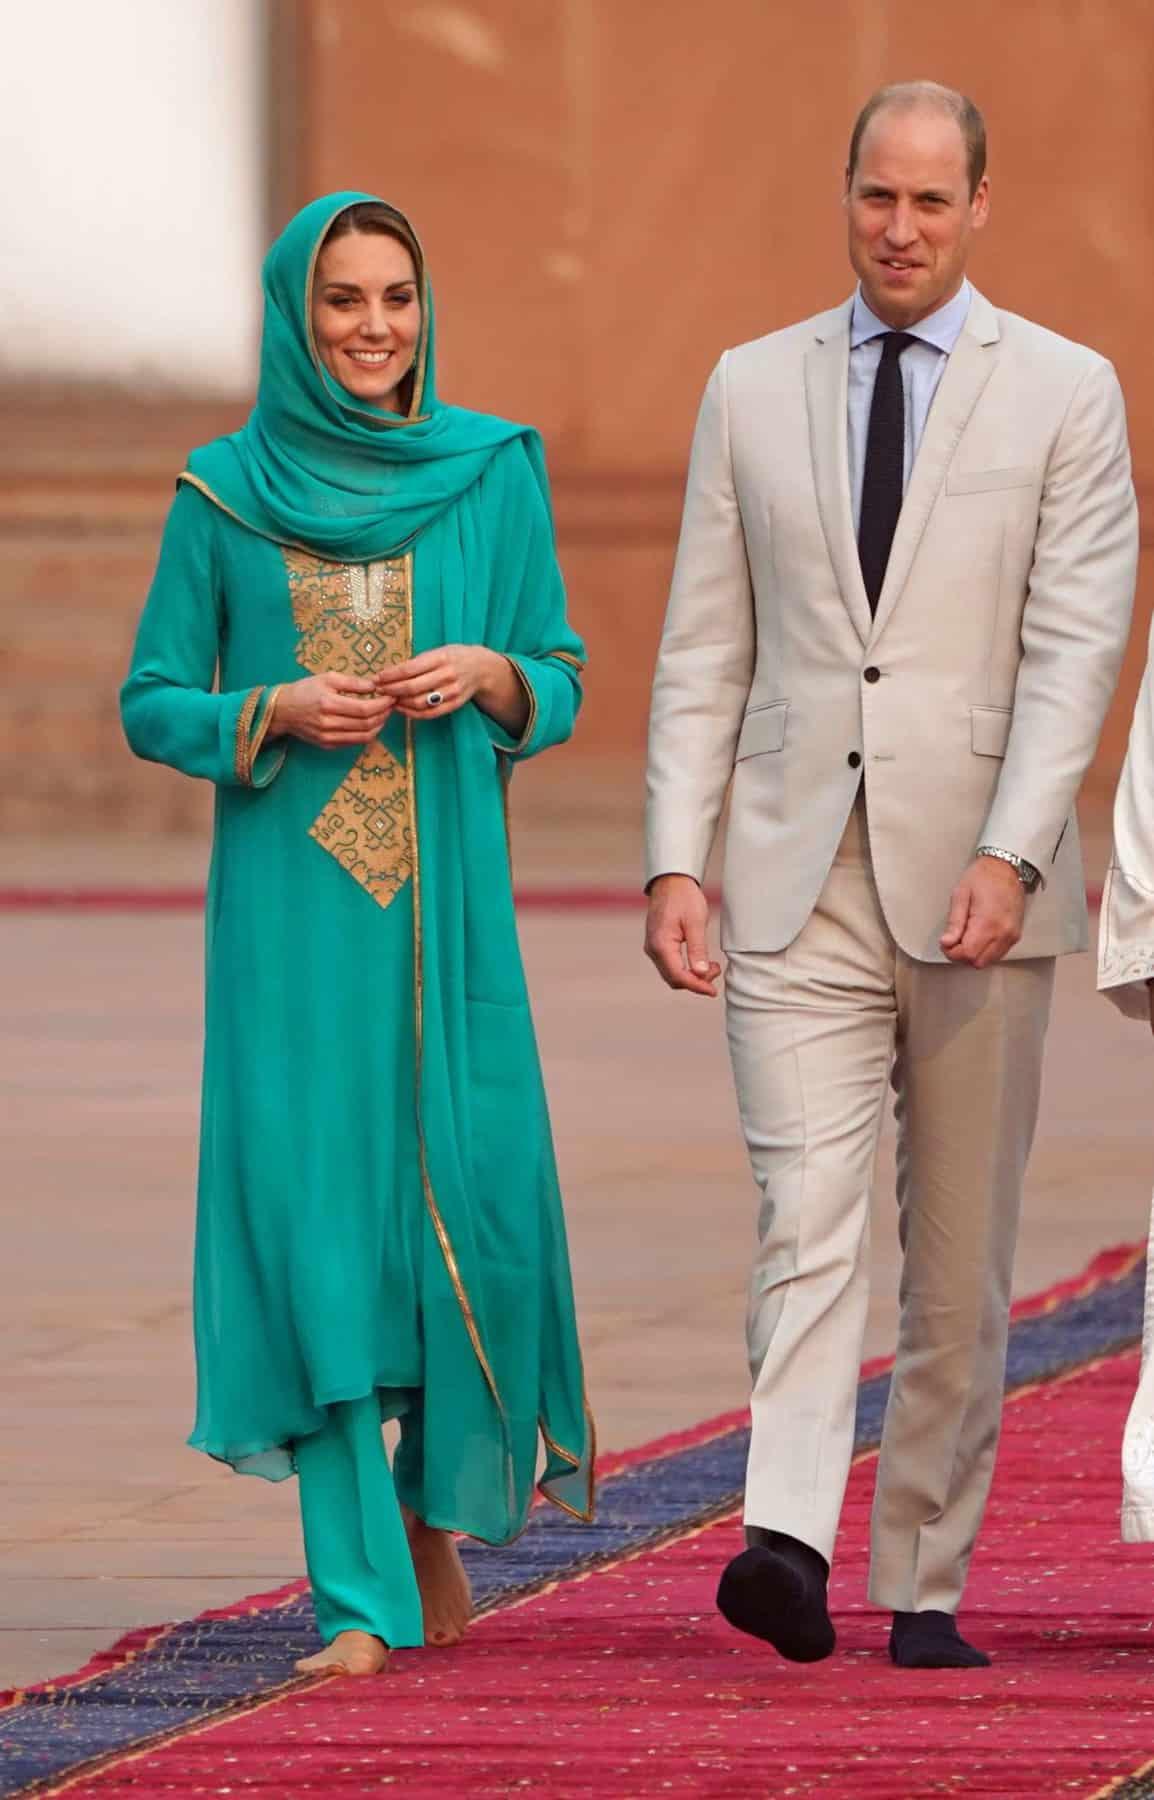 Kate Middleton in pakistan 2